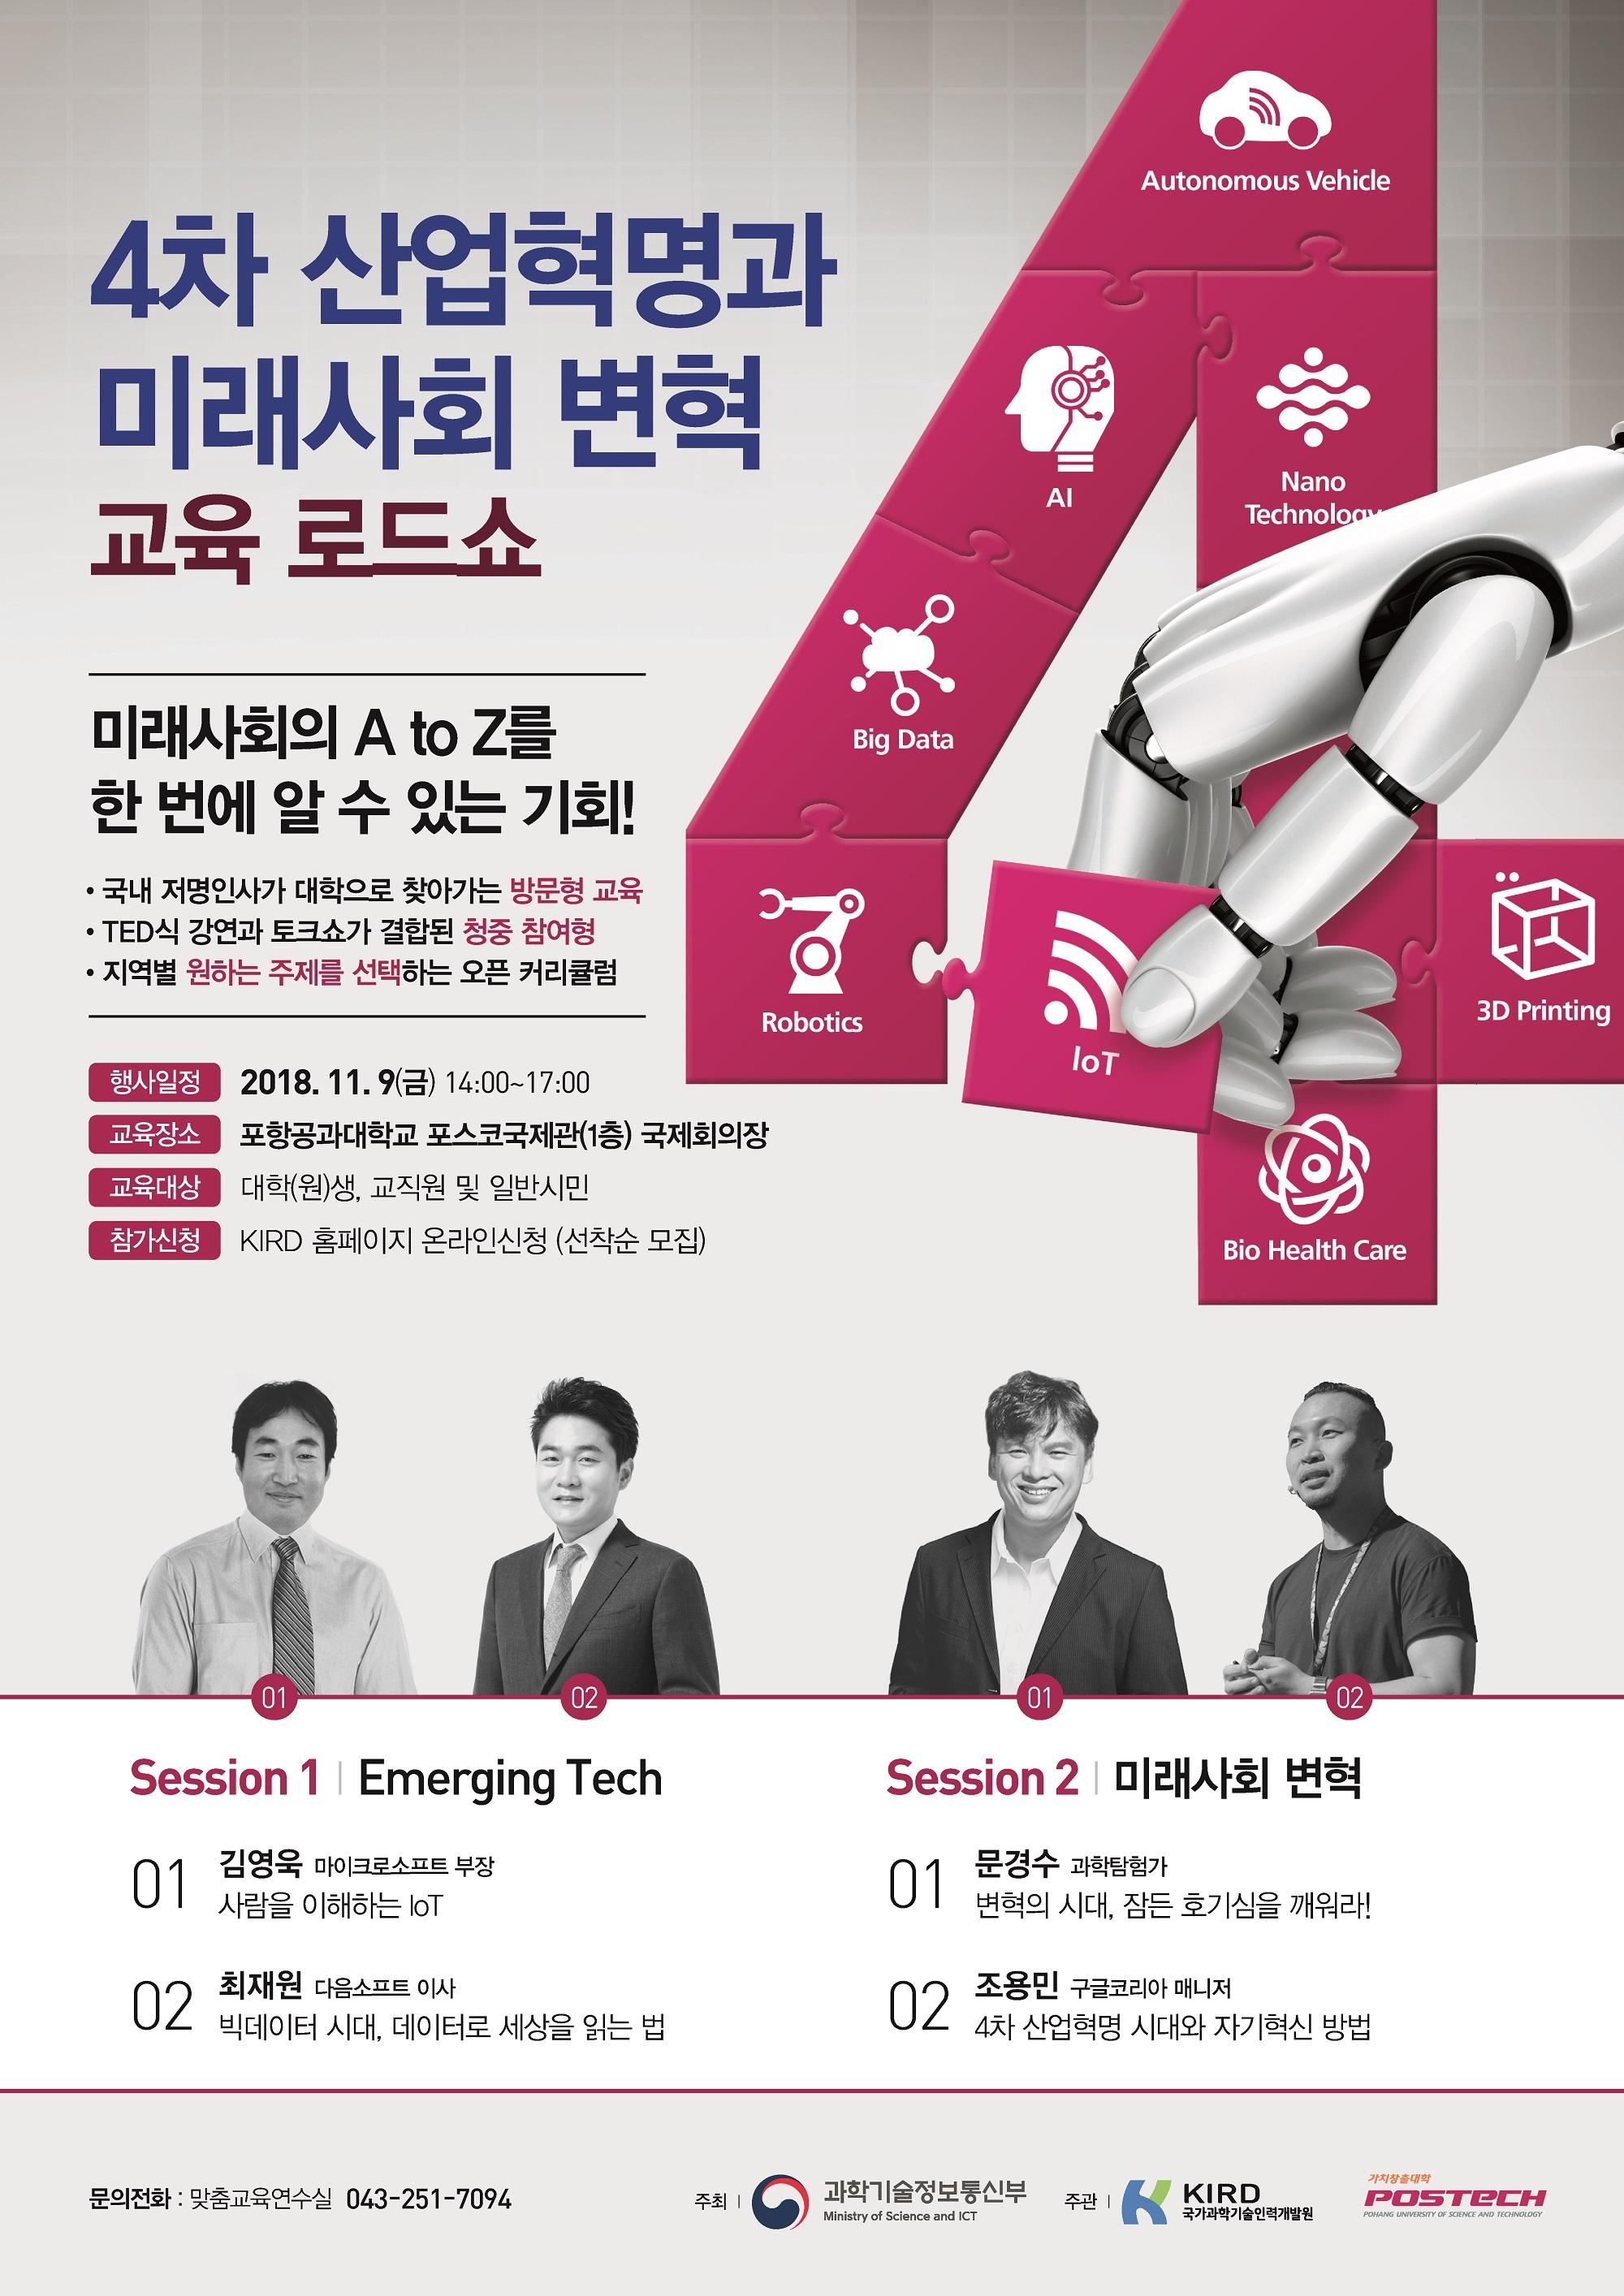 Autonomous Vehicle, AI, NANO Technology, Big Data, Robotics, loT, 3D Printing, Bio health Crae 4차 산업혁명과 미래사회 변혁 교육 로드쇼 미래사회의 A to Z를 한 번에 알 수 있는 기회! 국내 저명인사가 대학으로 찾아가는 방문형 교육 TED식 강연과 토크쇼가 결합된 청중 참여형 지역별 원하는 주제를 선택하는 오픈 커리큘럼 행정일정 2018.11.9(금) 14:00 ~ 17:00 교육장소 포항공과대학교 포스코국제관(1층) 국제회의장 교육대상 대학(원)생, 교직원 및 일반시민 참가신청 KIRD 홈페이지 온라인 신청(선착순 모집) Session 1 Emerging Tech 01 김영욱 마이크로소프트 부장 사람은 이해하는 loT 02 최재원 다음소프트 이사 빅데이터 시대, 데이터로 세상을 읽는 법 Session 2 미래사회 변혁 01 문경수 과학탐험가 변혁의 시대, 잠든 호기심을 깨워라! 02 조용민 구글 코리아 매니저 4차 산업혁명 시대와 자기혁신 방법 문의전화: 맞춤교육 연수실 043-251-7094 주최 과학기술정보통신부 주관 KIRD 국가과학기술인력개발원 가차창출대학 POSTECH